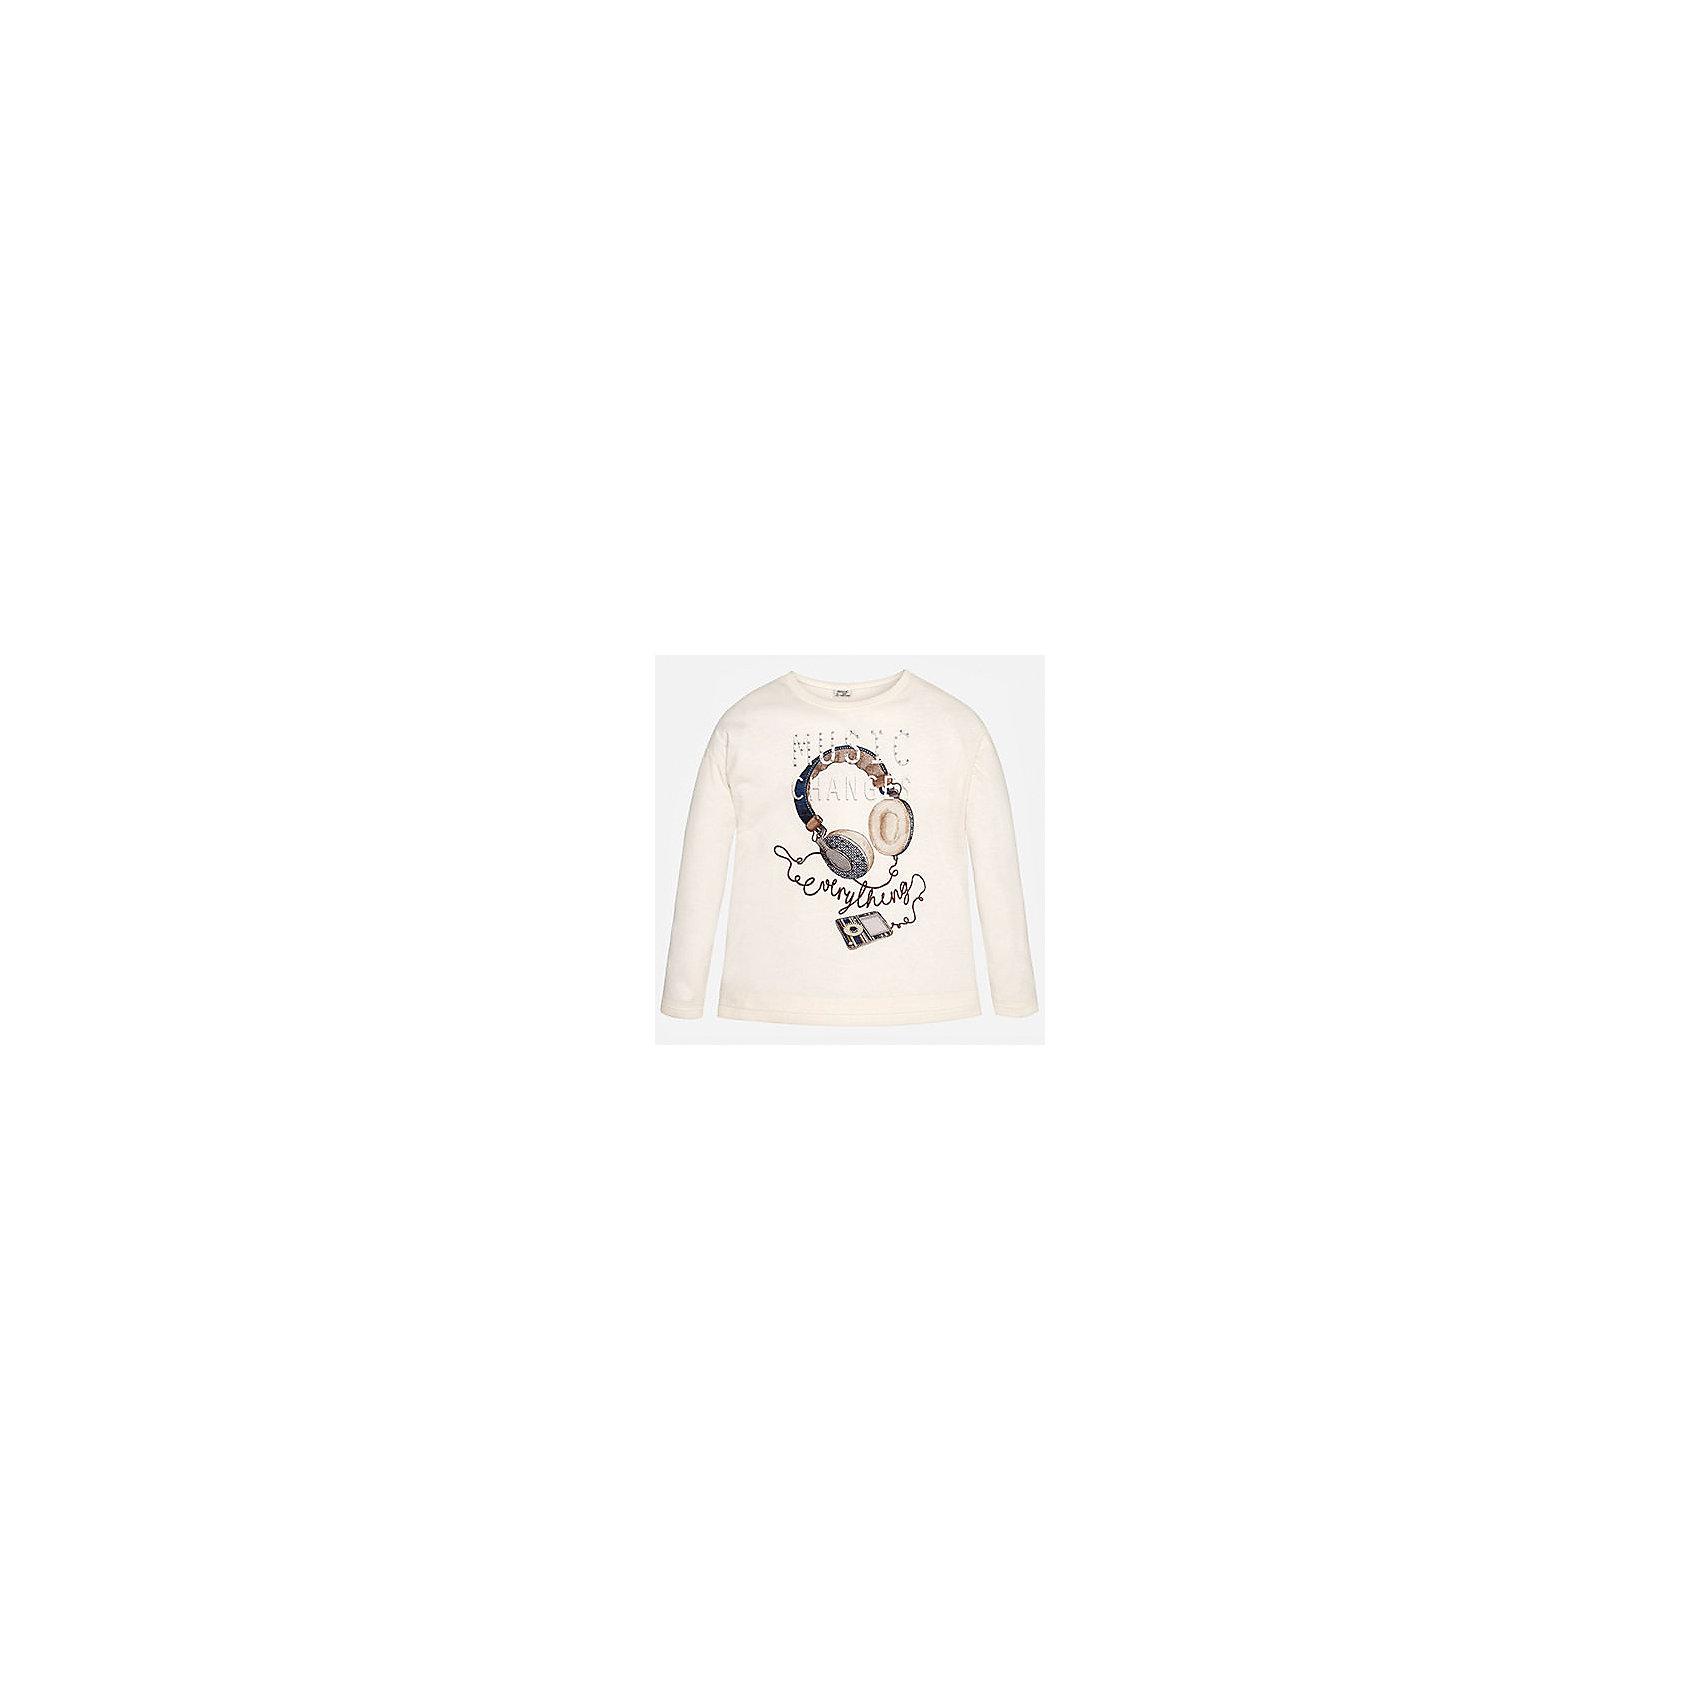 Футболка для девочки MayoralСовременная  футболка с длинным рукавом торговой марки    Майорал -Mayoral для девочек. Футболка с длинным рукавом, выполненная из хлопка и с добавлением полиэстера, декорирована принтом с изображением молодежных гатжетов. Резинка на подоле, воротнике и манжетах. В такой футболке Ваша девочка необычайно модной.<br><br>Дополнительная информация: <br><br>- цвет: молочный<br>- состав: хлопок 50%,  полиэстер:50%<br>- фактура материала: текстильный<br>- тип карманов: без карманов<br>- уход за вещами: бережная стирка при 30 градусах<br>- рисунок: с рисунком<br>- назначение: повседневная<br>- сезон: круглогодичный<br>- пол: девочки<br>- страна бренда: Испания<br>- комплектация: футболка<br><br>Футболку для девочки торговой марки Mayoral можно купить в нашем интернет-магазине.<br>Современная  футболка с длинным рукавом торговой марки    Майорал -Mayoral для девочек. Футболка с длинным рукавом, выполненная из хлопка и с добавлением полиэстера, декорирована принтом с изображением молодежных гатжетов. Резинка на подоле, воротнике и манжетах. В такой футболке Ваша девочка необычайно модной.<br><br>Дополнительная информация: <br><br>- цвет: молочный<br>- состав: хлопок 50%,  полиэстер:50%<br>- фактура материала: текстильный<br>- тип карманов: без карманов<br>- уход за вещами: бережная стирка при 30 градусах<br>- рисунок: с рисунком<br>- назначение: повседневная<br>- сезон: круглогодичный<br>- пол: девочки<br>- страна бренда: Испания<br>- комплектация: футболка<br><br>Футболку для девочки торговой марки Mayoral можно купить в нашем интернет-магазине.<br><br>Ширина мм: 199<br>Глубина мм: 10<br>Высота мм: 161<br>Вес г: 151<br>Цвет: белый<br>Возраст от месяцев: 144<br>Возраст до месяцев: 156<br>Пол: Женский<br>Возраст: Детский<br>Размер: 146/152,152/158,164/170,158/164,134/140,128/134<br>SKU: 4847082